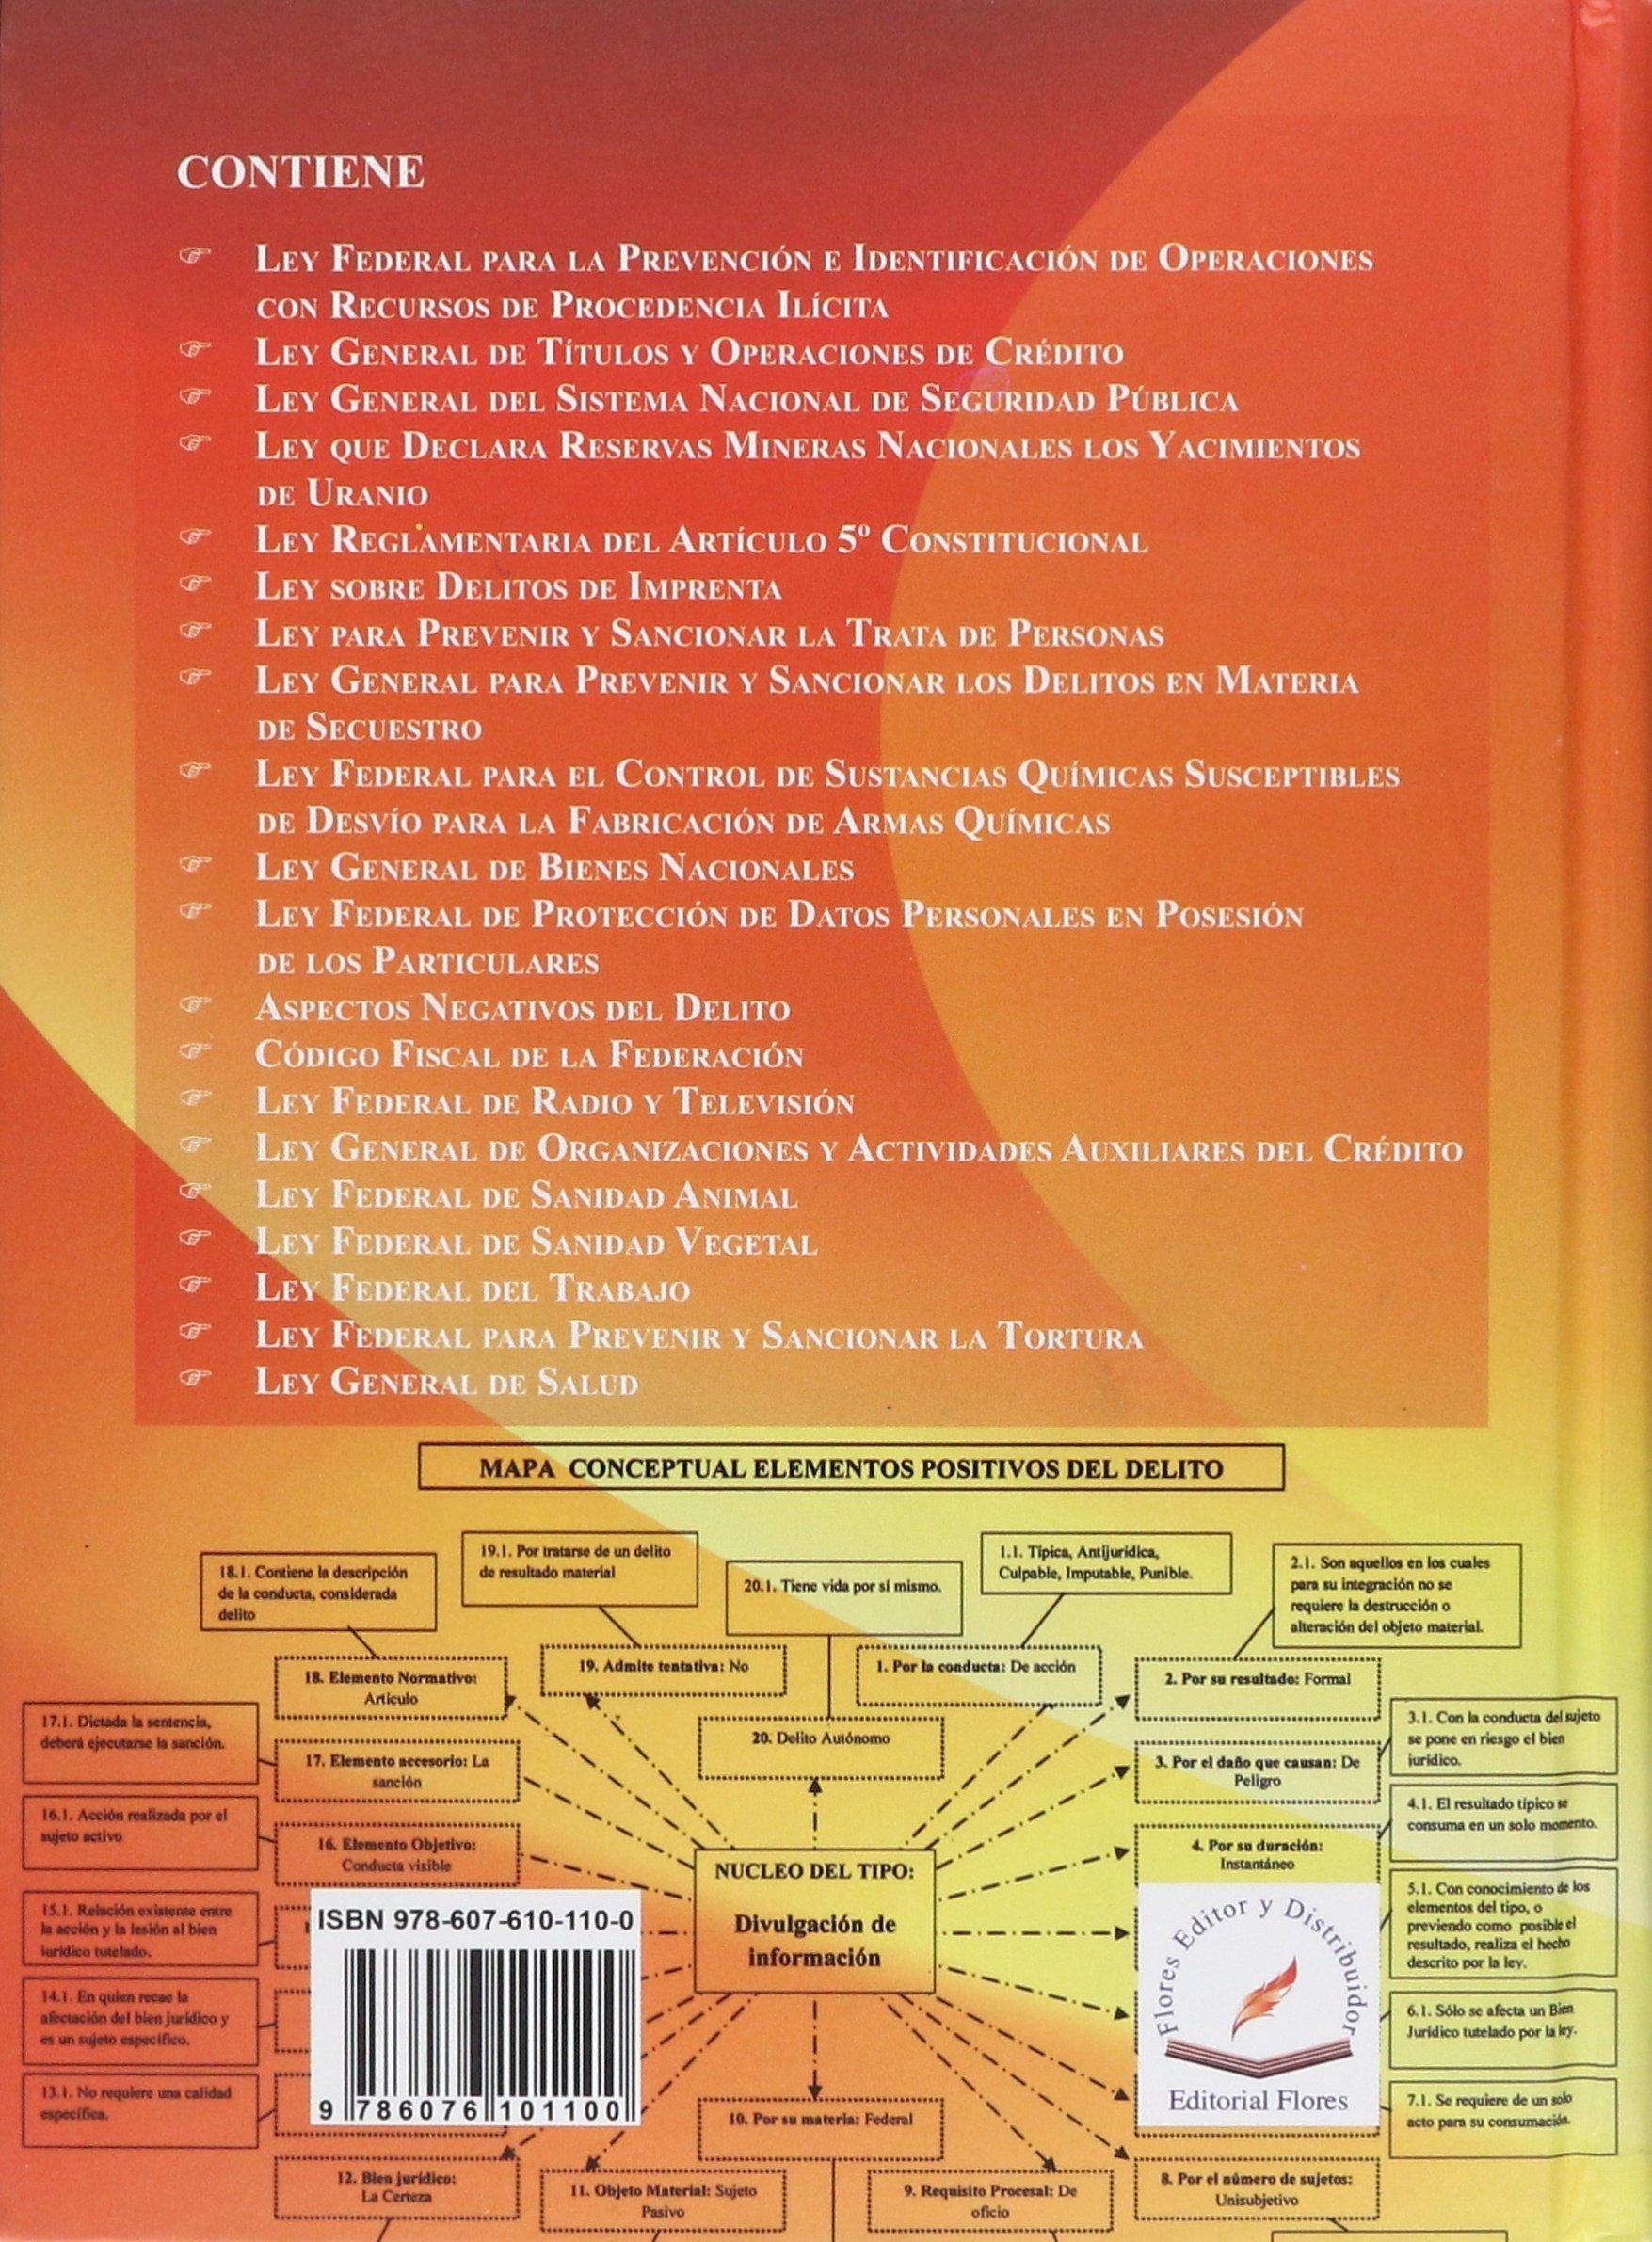 Leyes Especiales Federales En Mapas Conceptuales, La / Tomo: Amazon.es: Libros